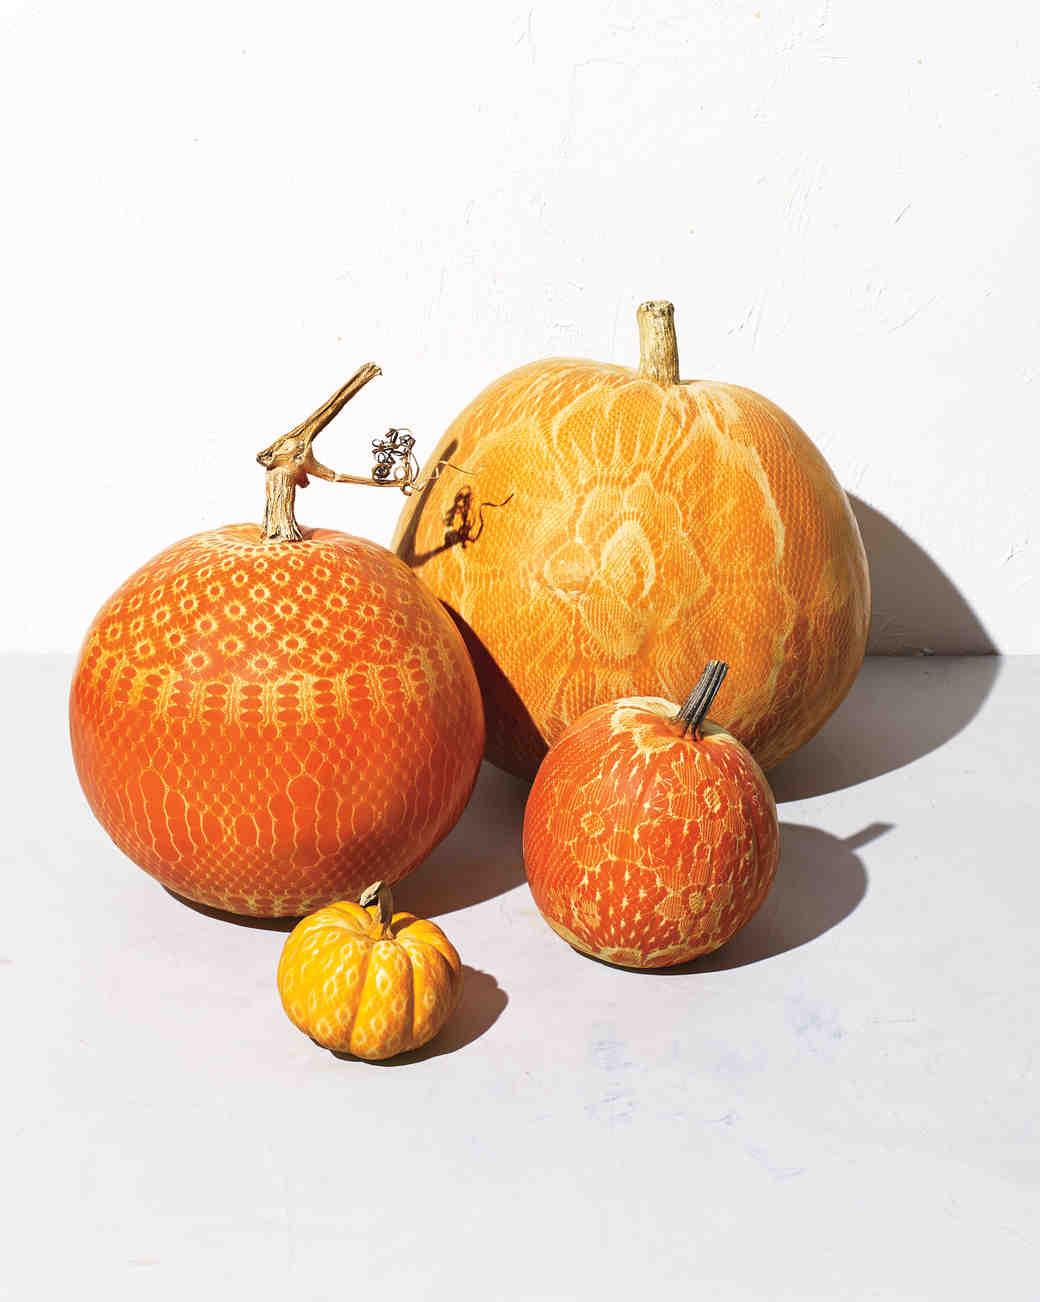 Pumpkins with Lace Paint Designs